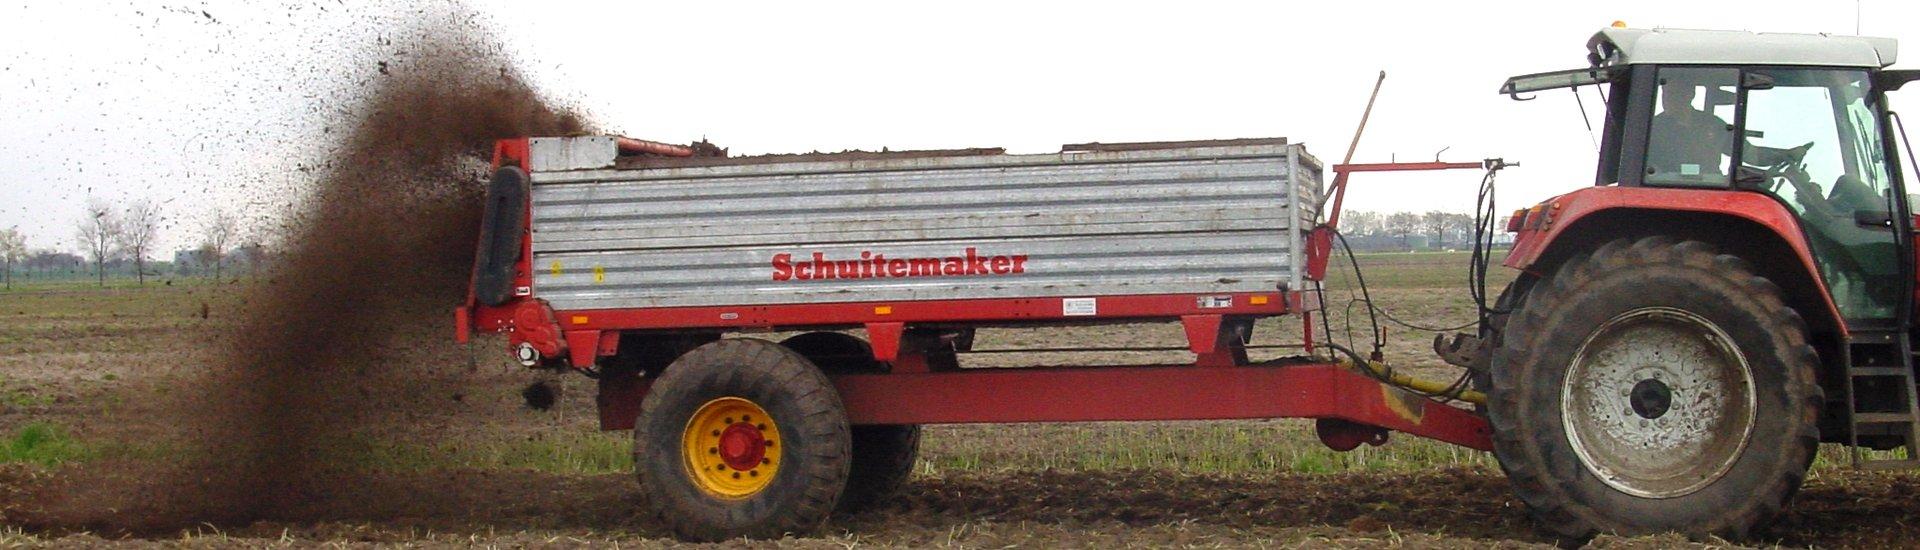 Schuitemaker Stalldungstreuer